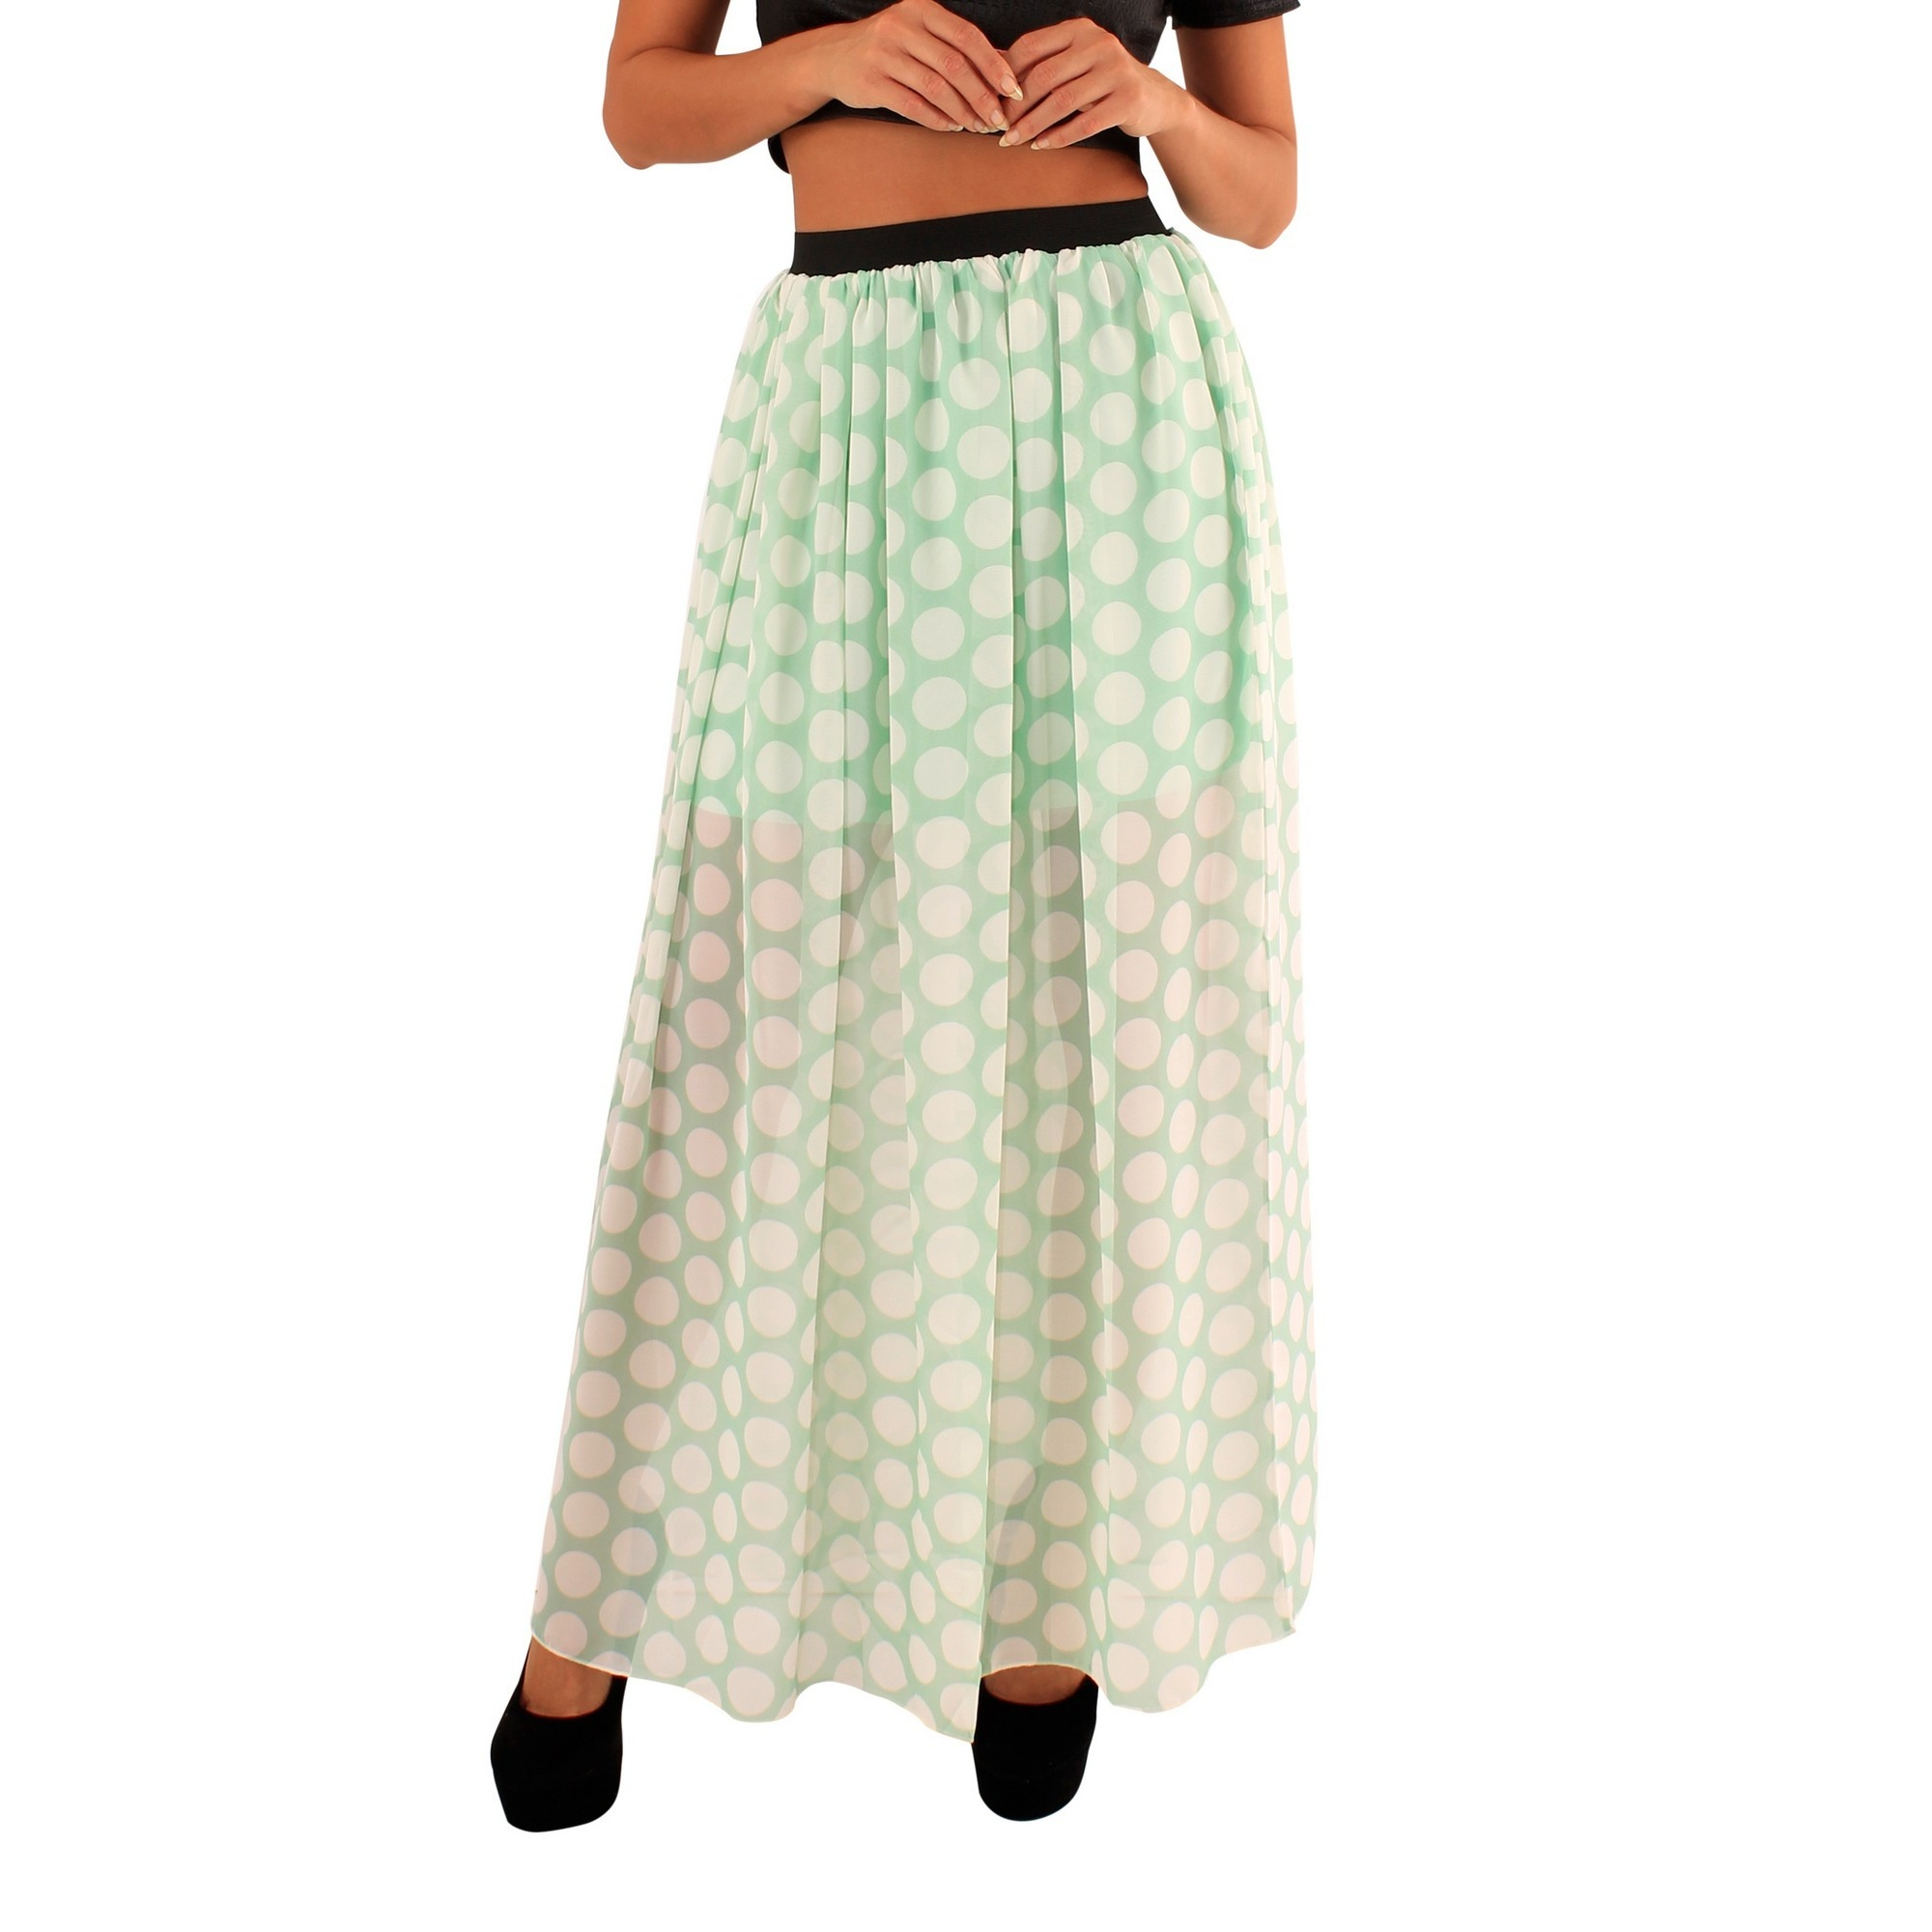 Lili London Womens/Ladies Mandy Polka Dot Maxi Skirt (S/M) (Mint Green)